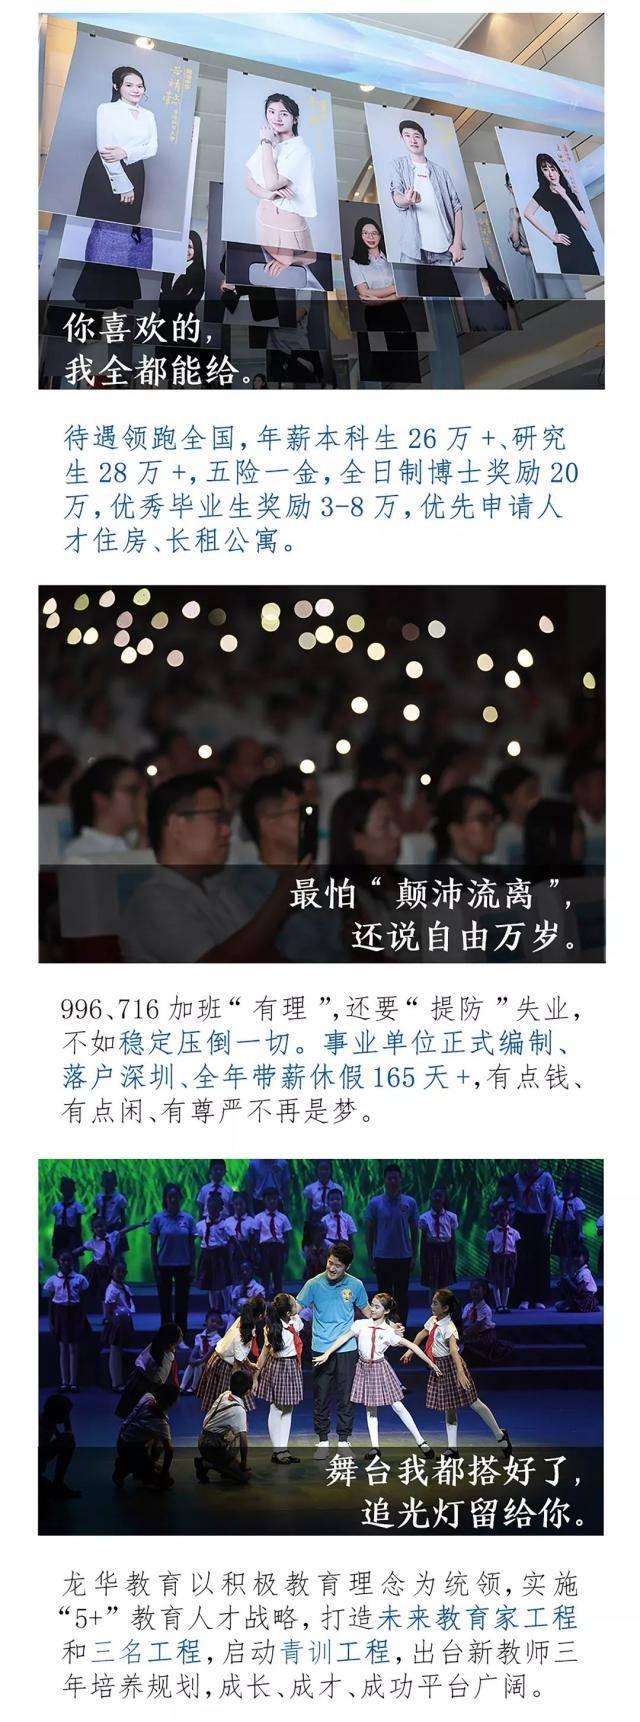 http://www.umeiwen.com/zhichang/768549.html